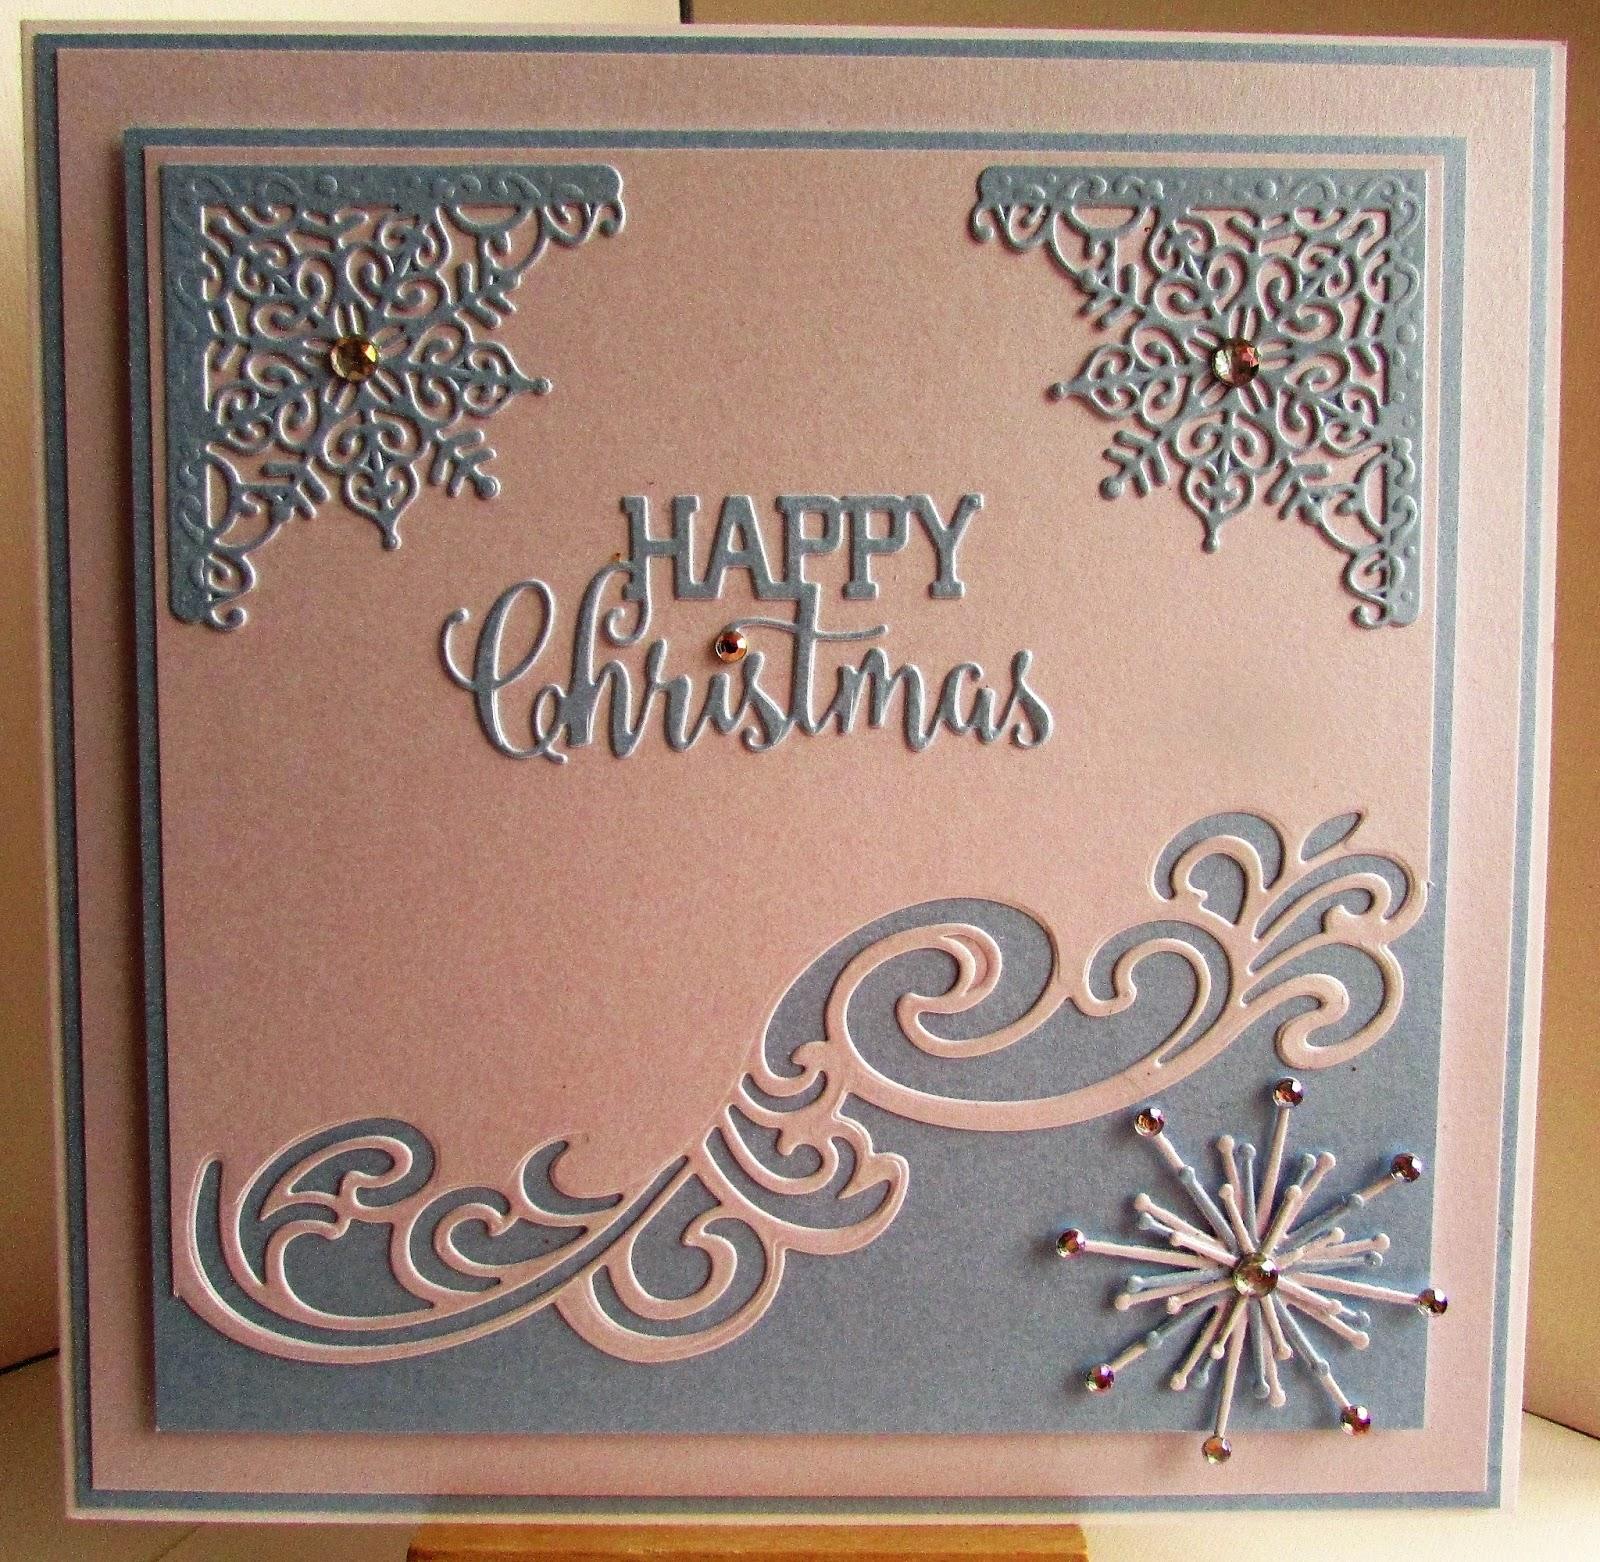 Lizzies craft space: Die Cut Christmas card - Blue